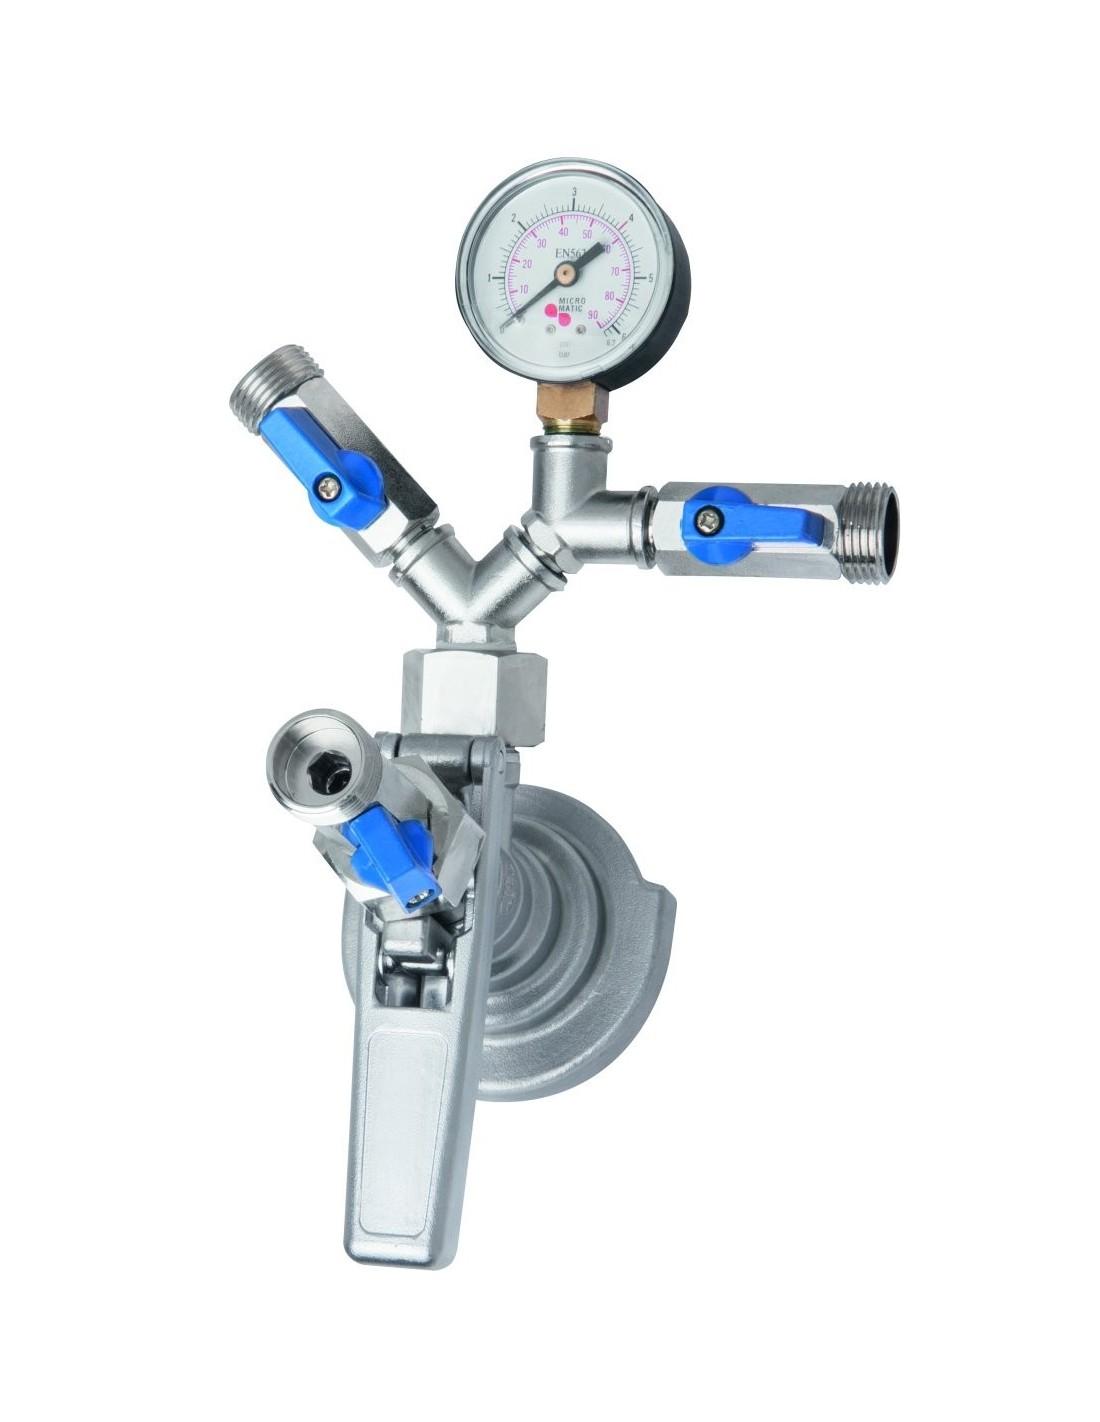 VYR02301 - Type-G keg filler coupler for manual filling of keg